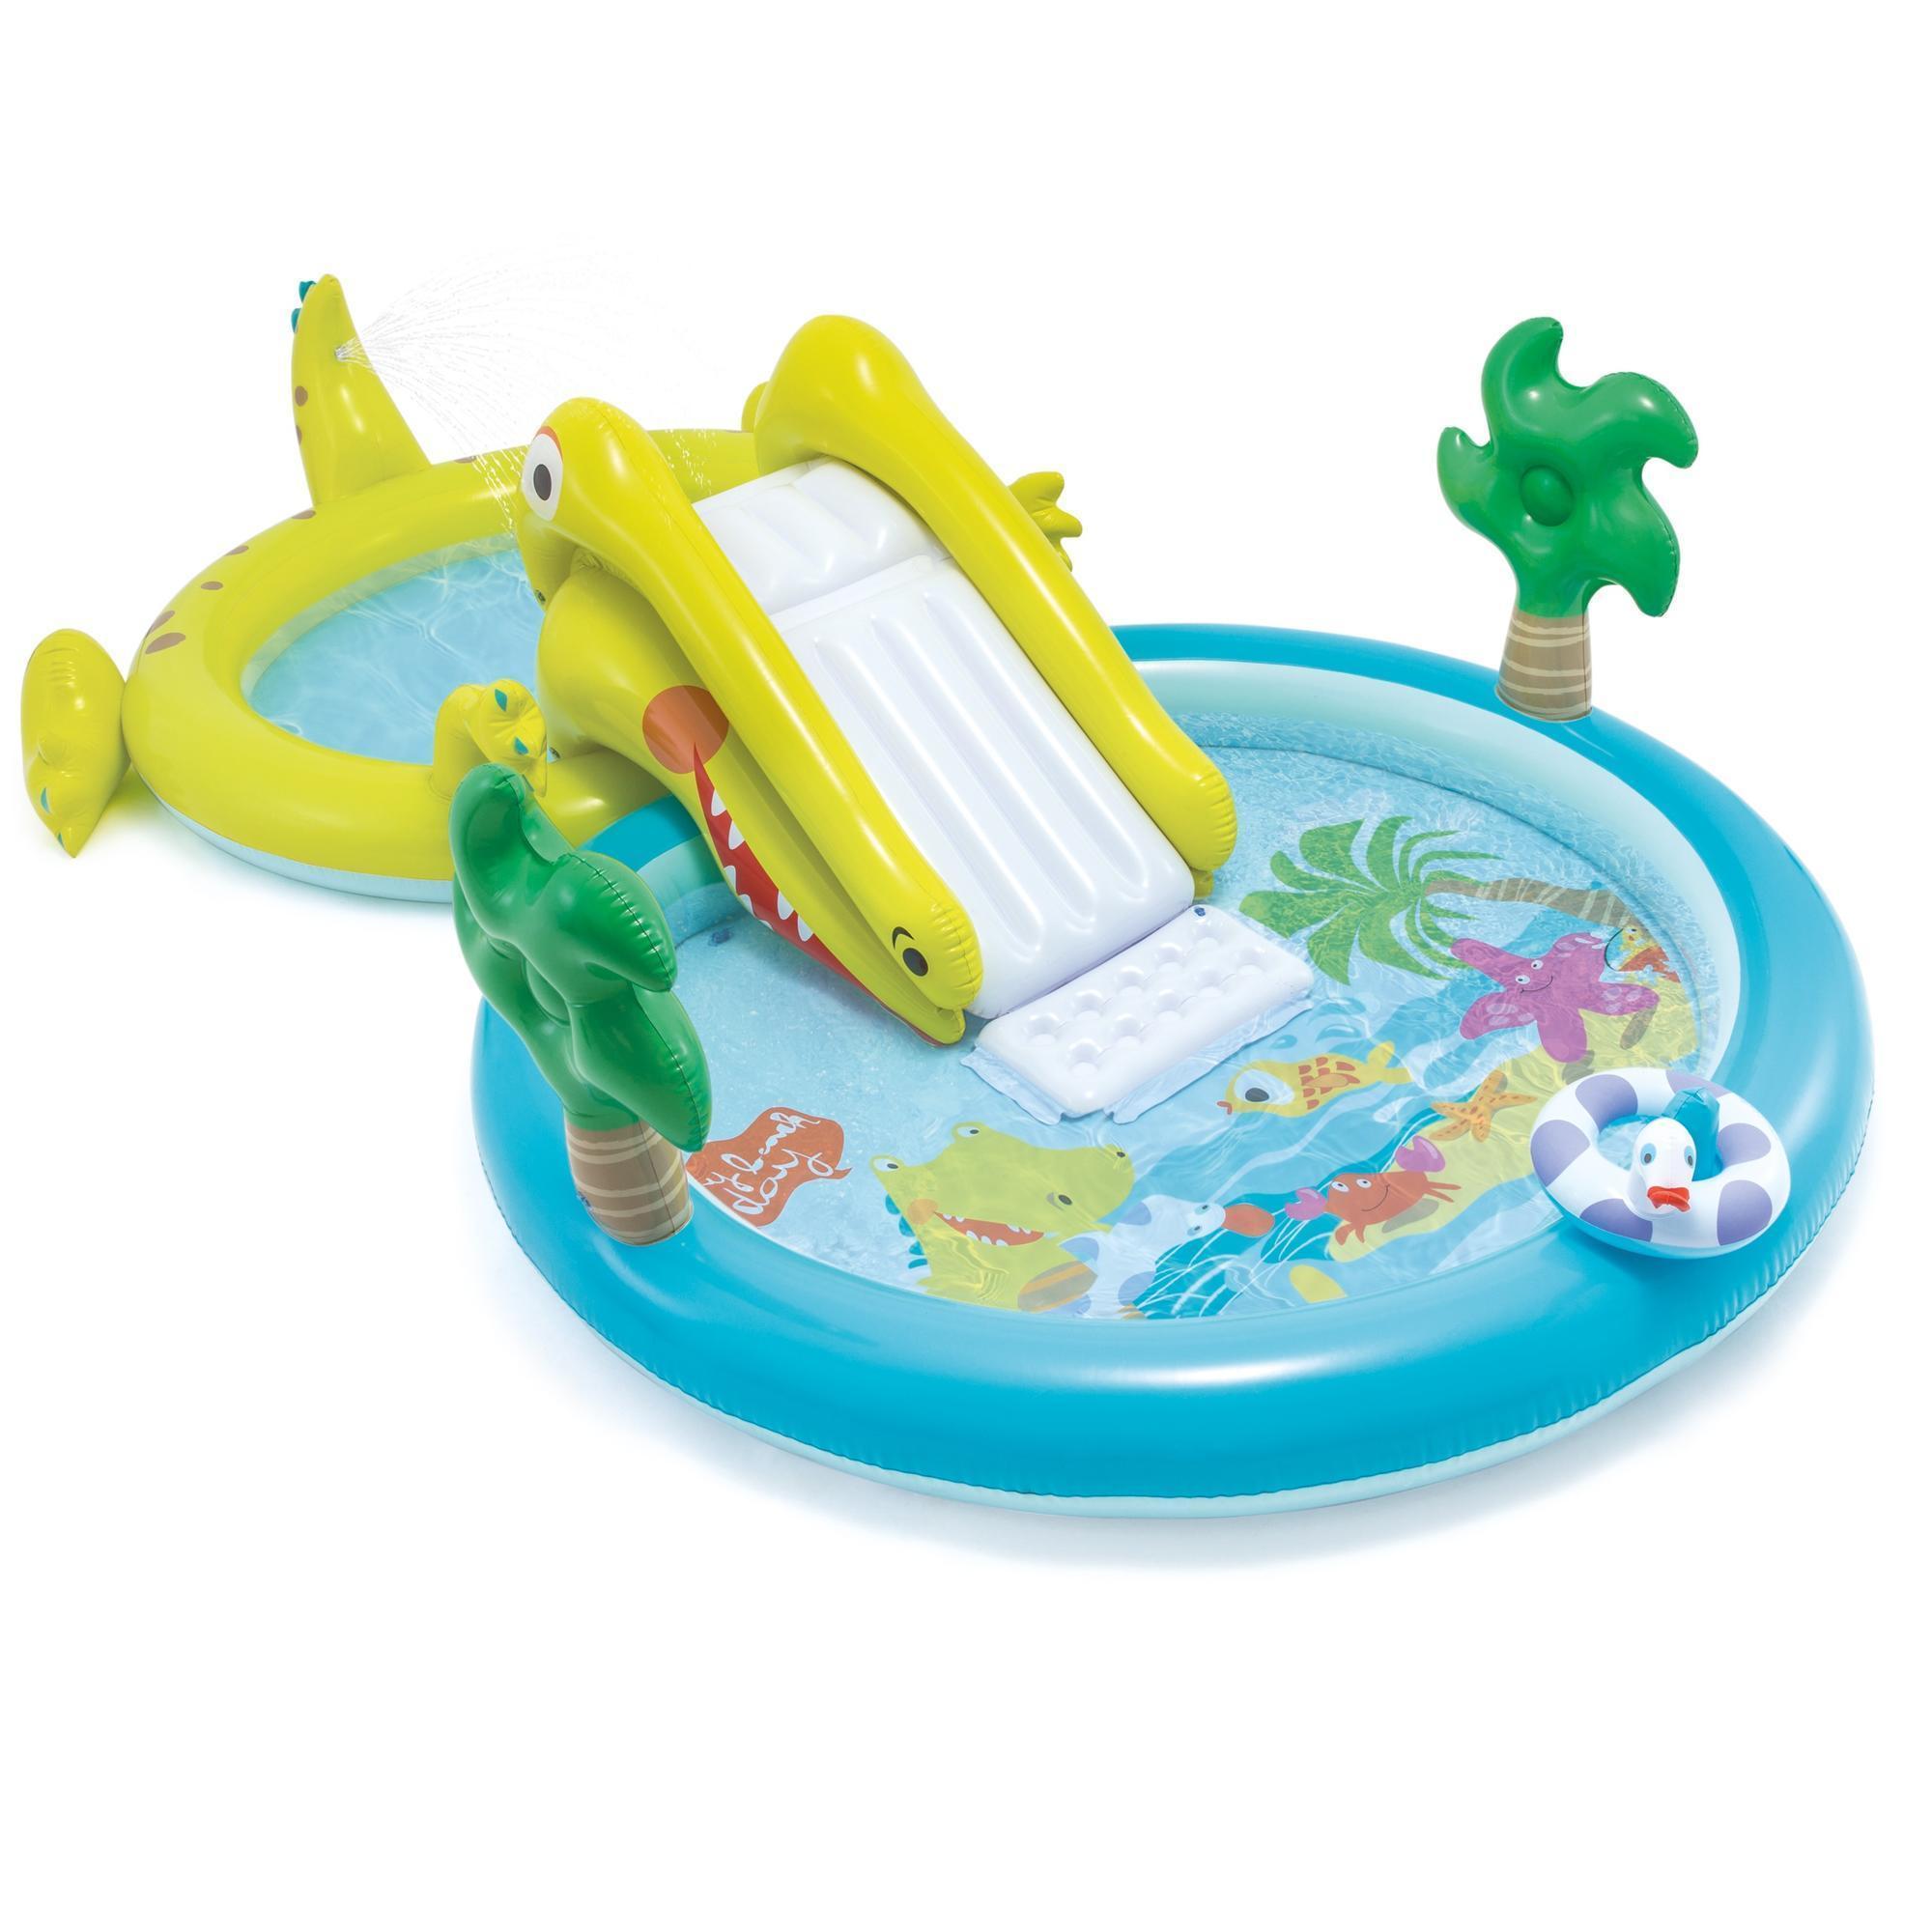 Piscine Parc Aquatique Intex Avec Toboggan Pour Les Enfants De Plus De 3 Ans destiné Piscine Intex Enfant